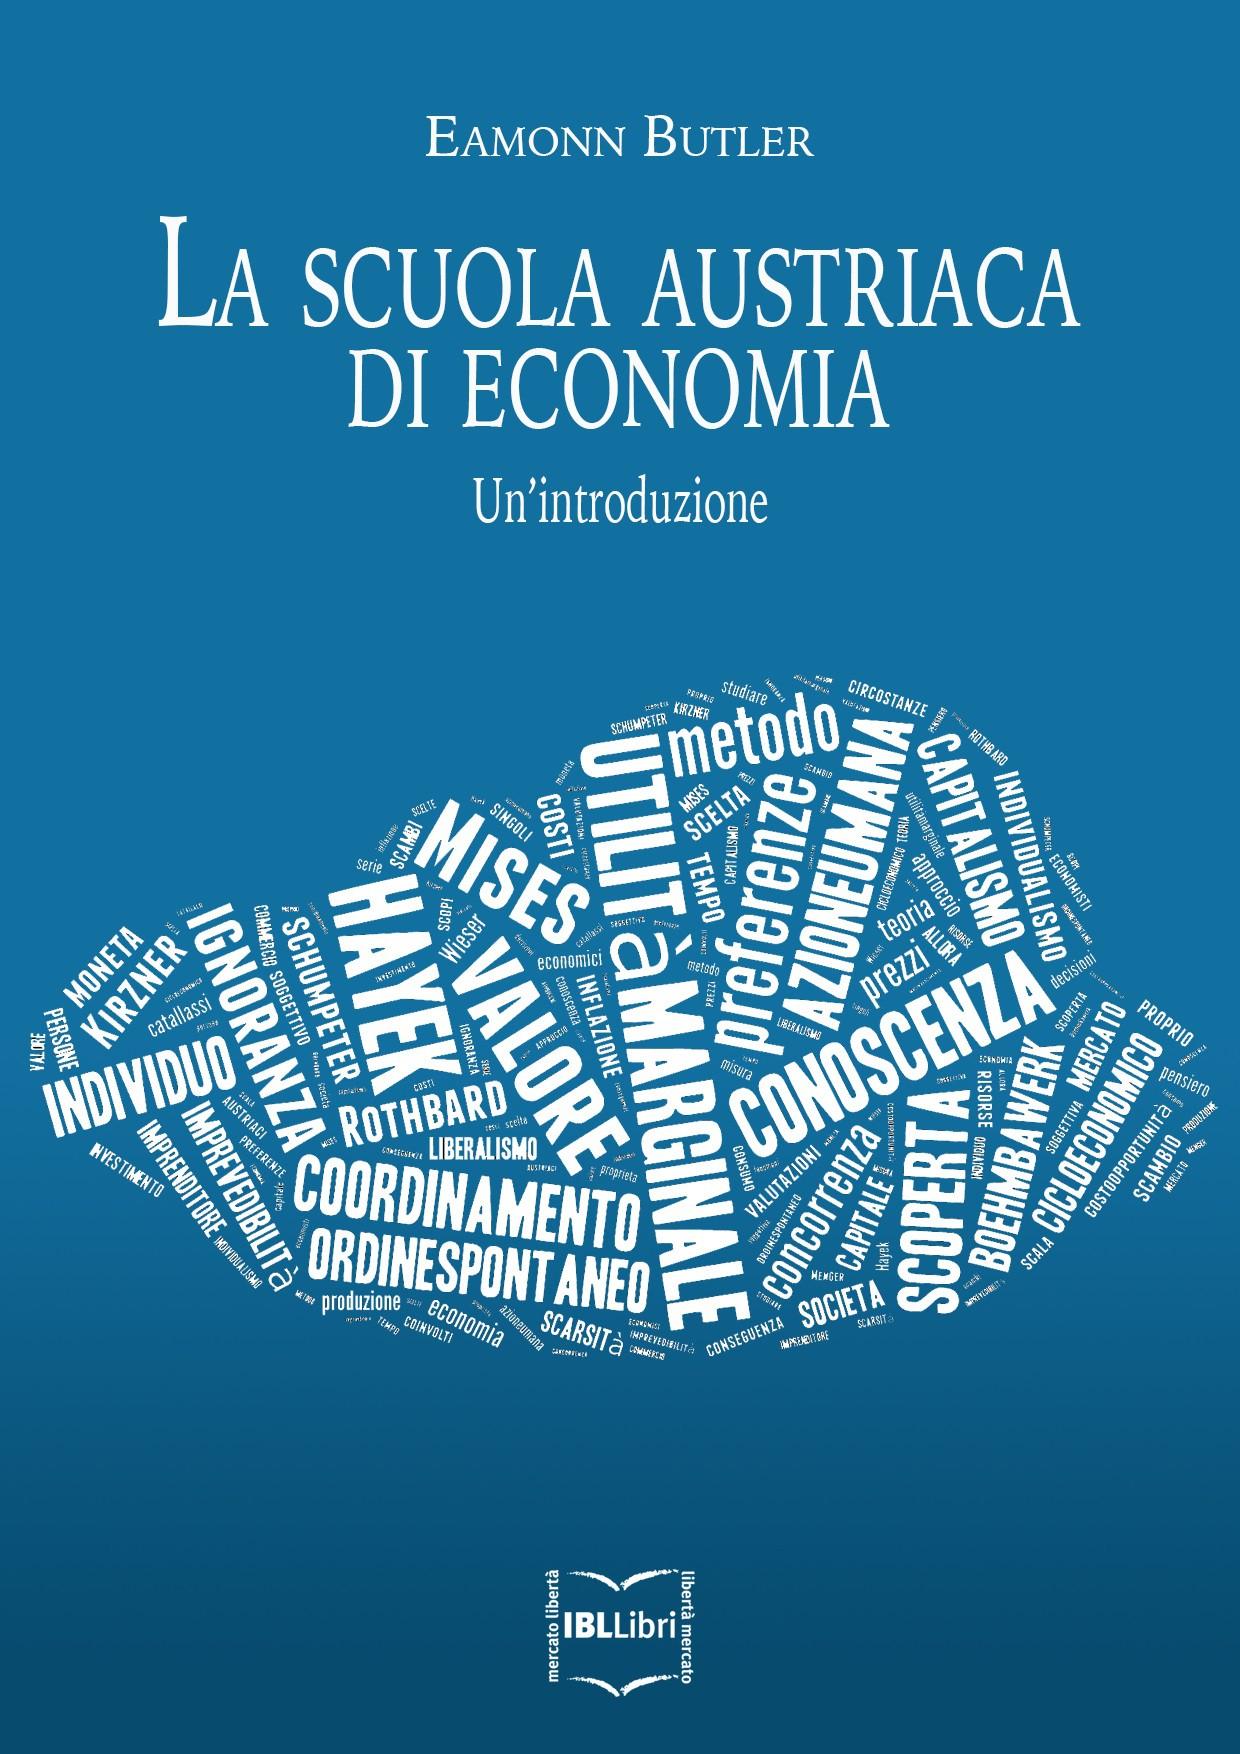 La Scuola austriaca di economia